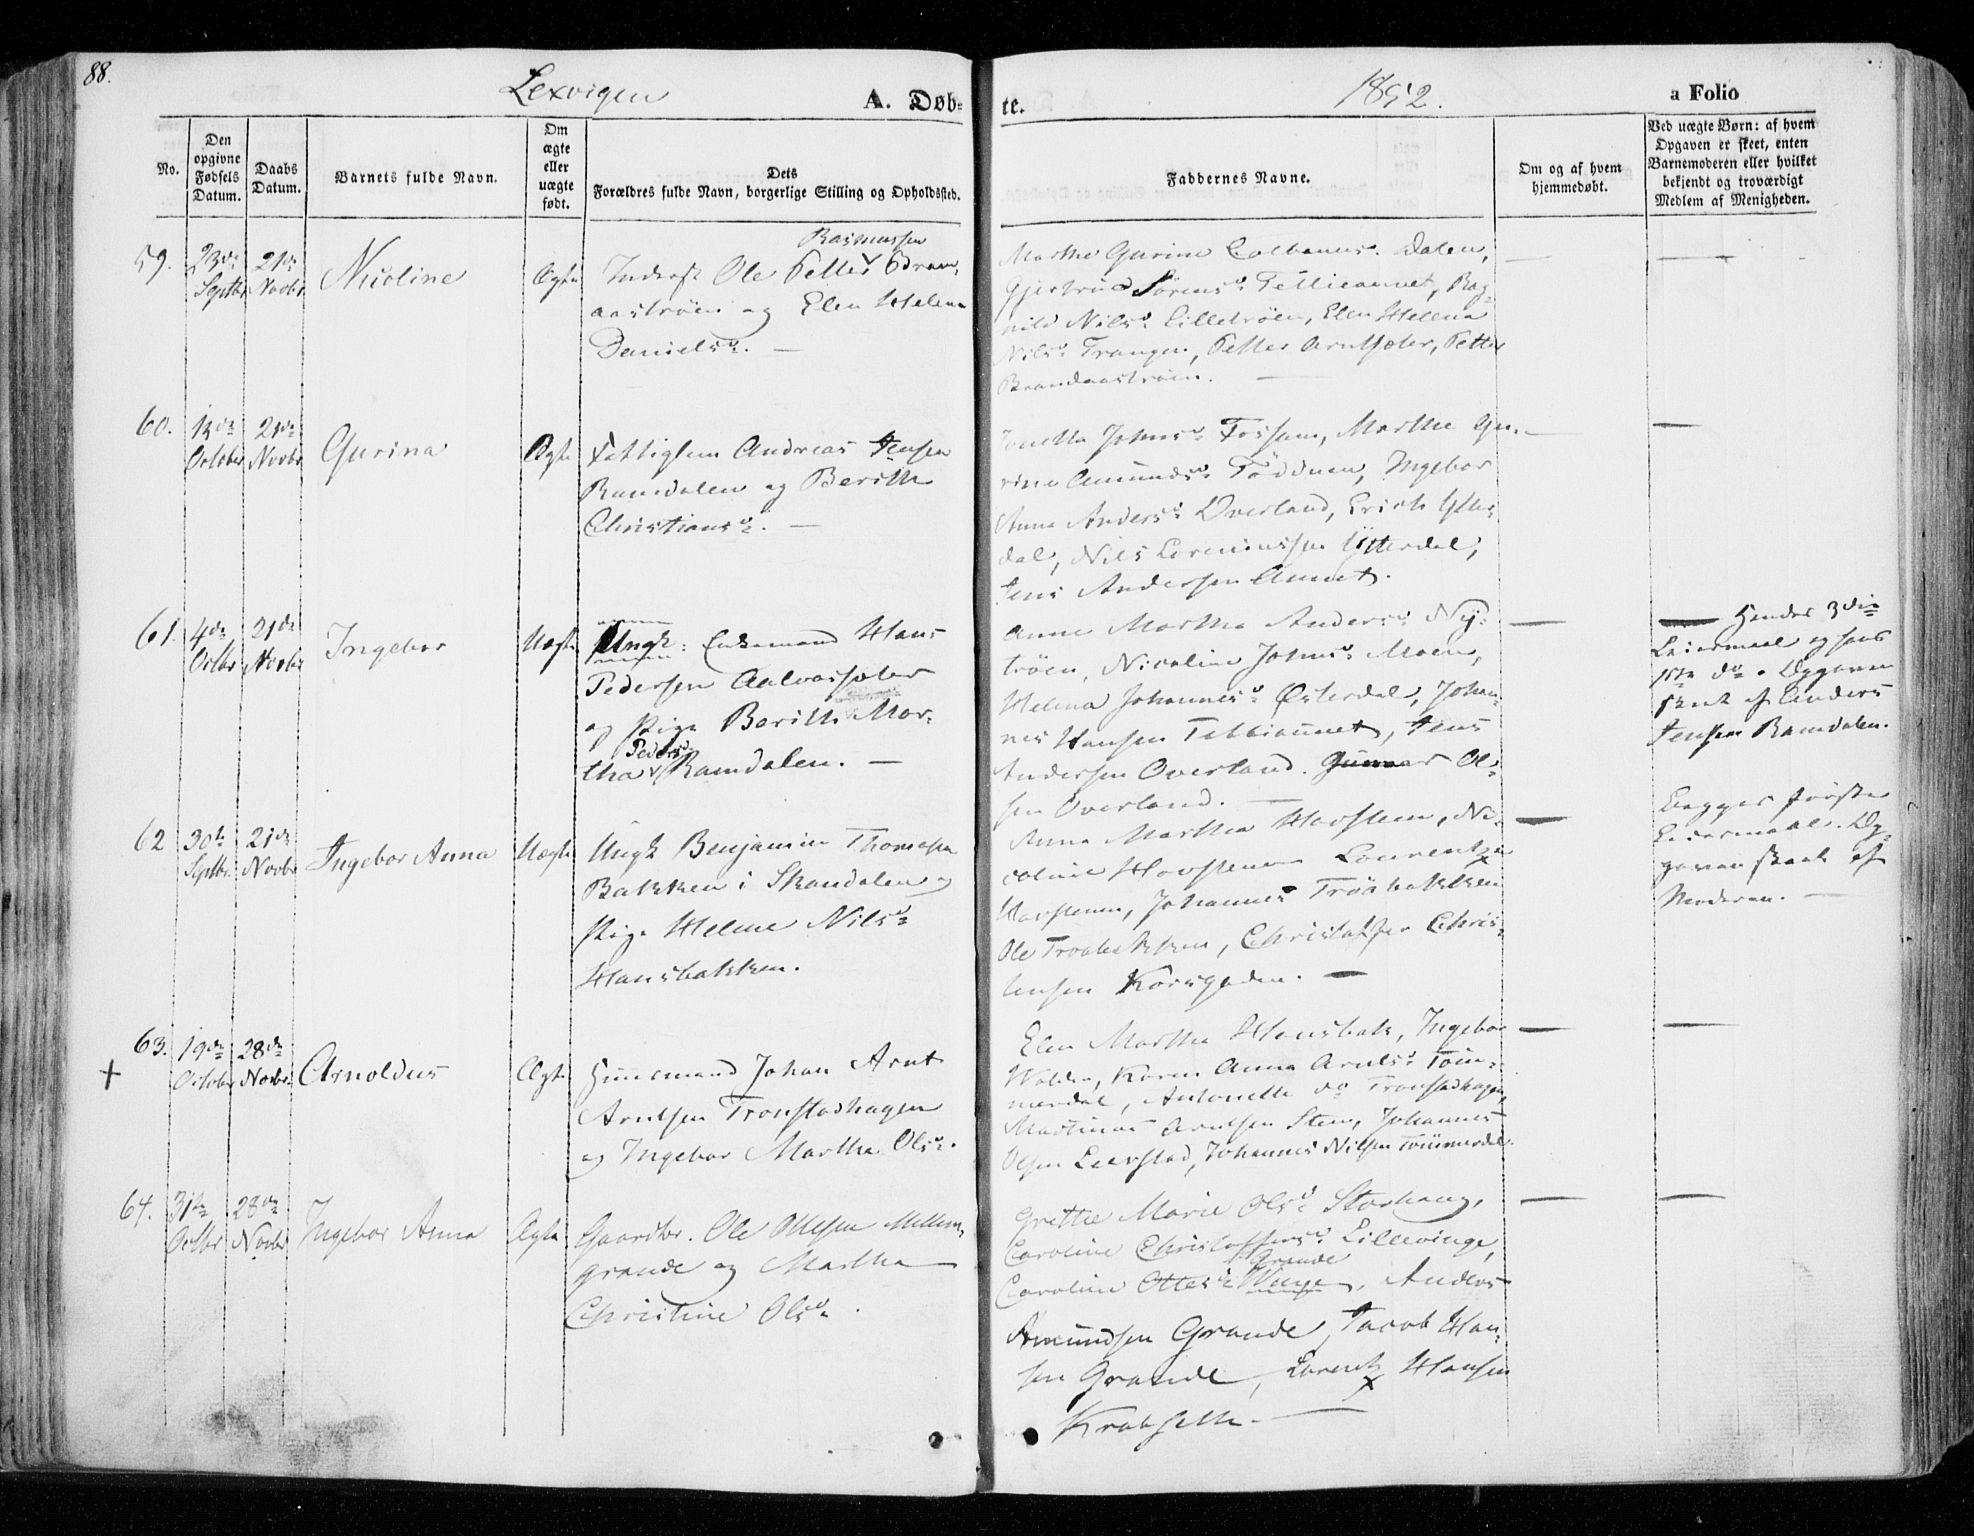 SAT, Ministerialprotokoller, klokkerbøker og fødselsregistre - Nord-Trøndelag, 701/L0007: Ministerialbok nr. 701A07 /1, 1842-1854, s. 88